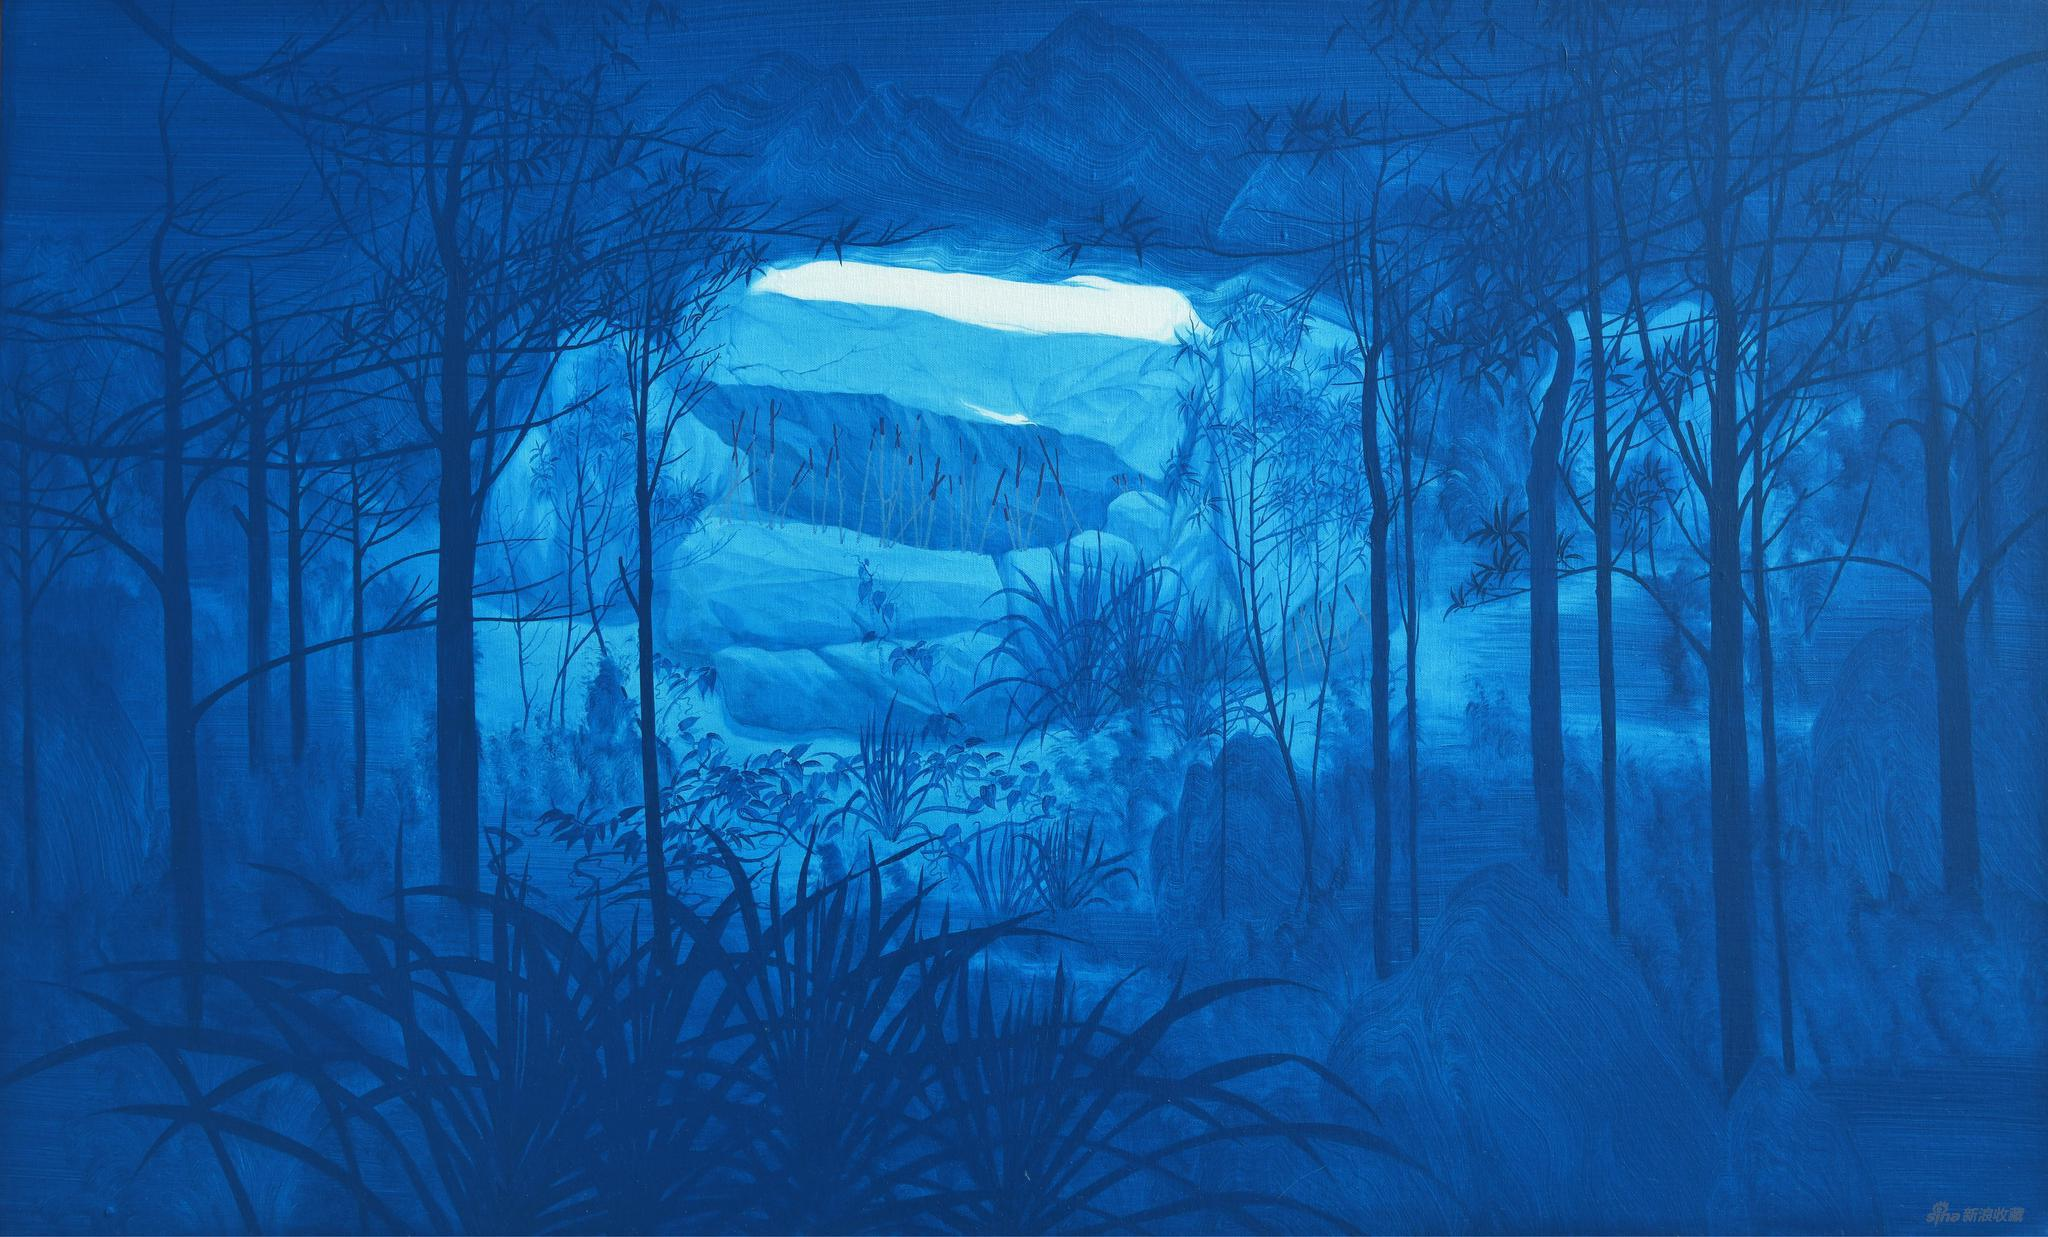 易国栋《支山图 No.2》60x100cm,布面油画,2020